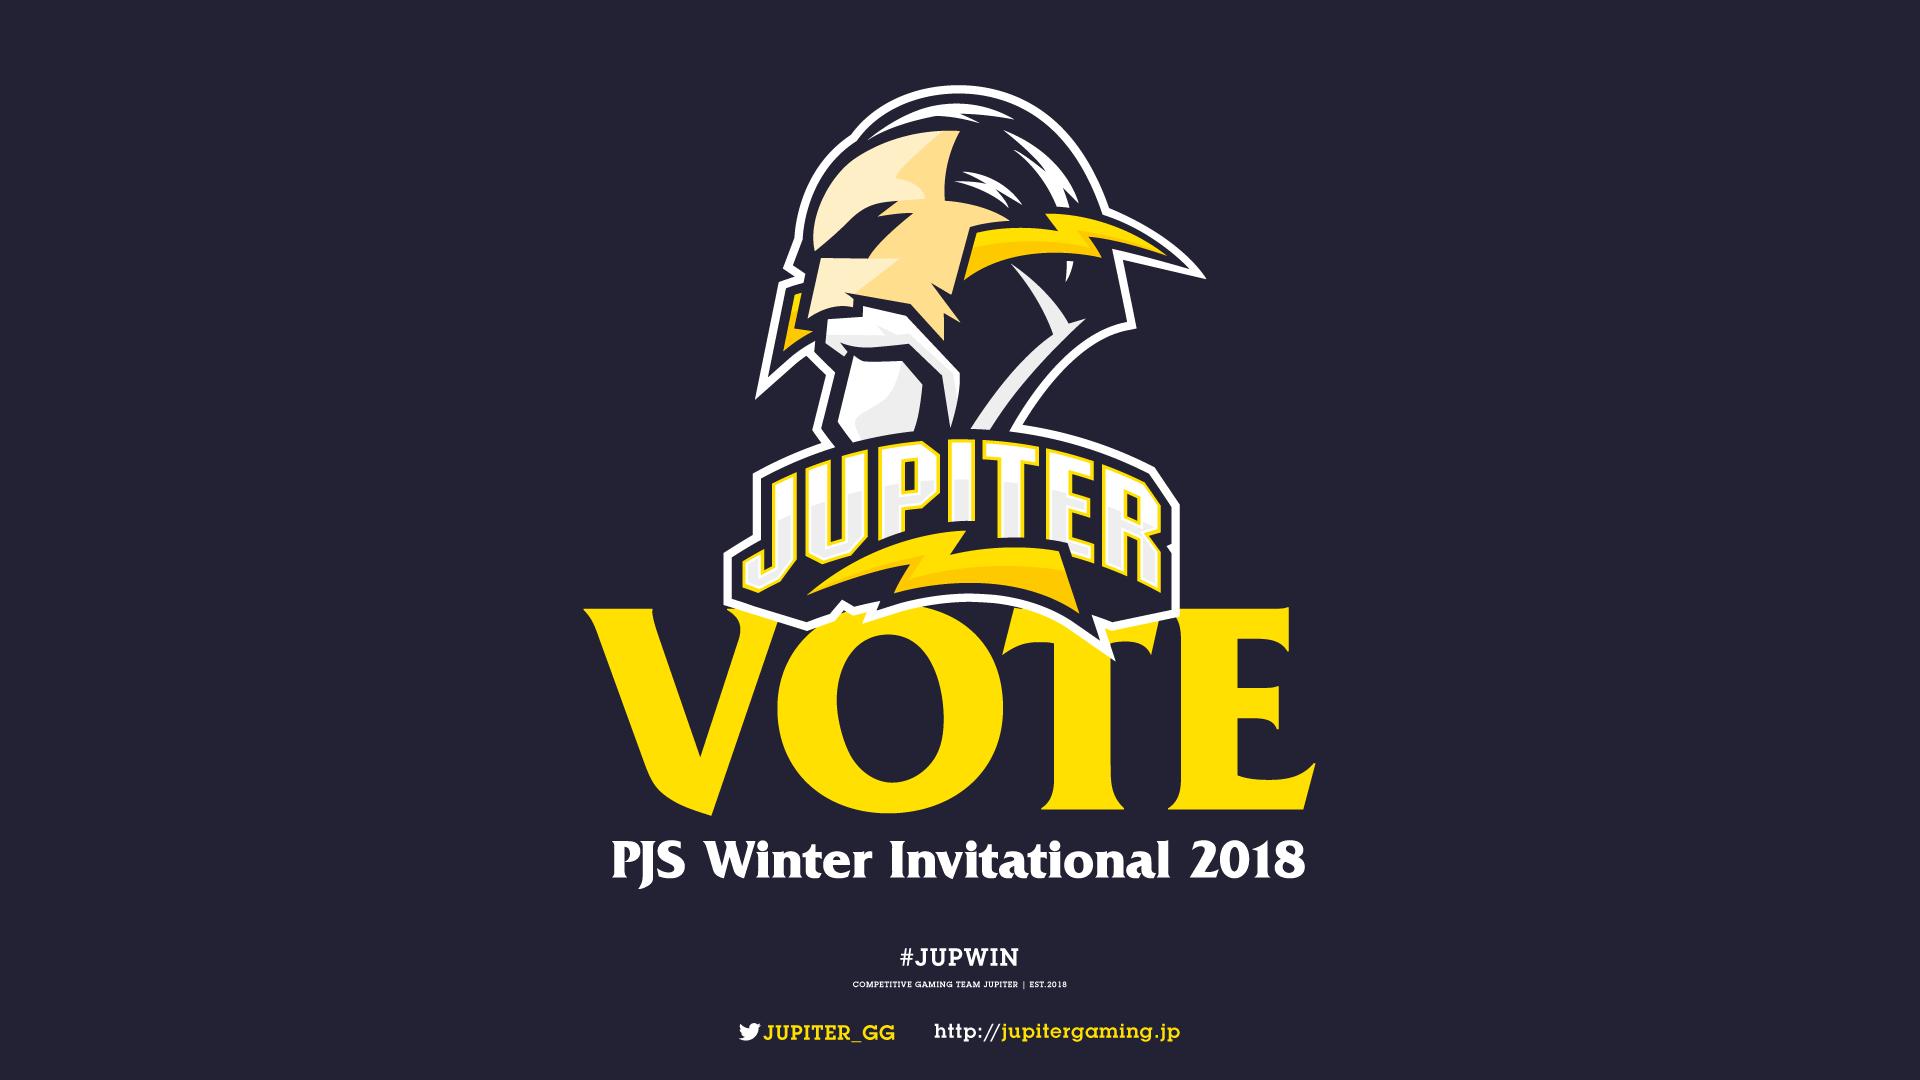 PJS Winter Invitational 2018 人気投票スタート!JUPITER NOVAに投票をよろしくお願いします!